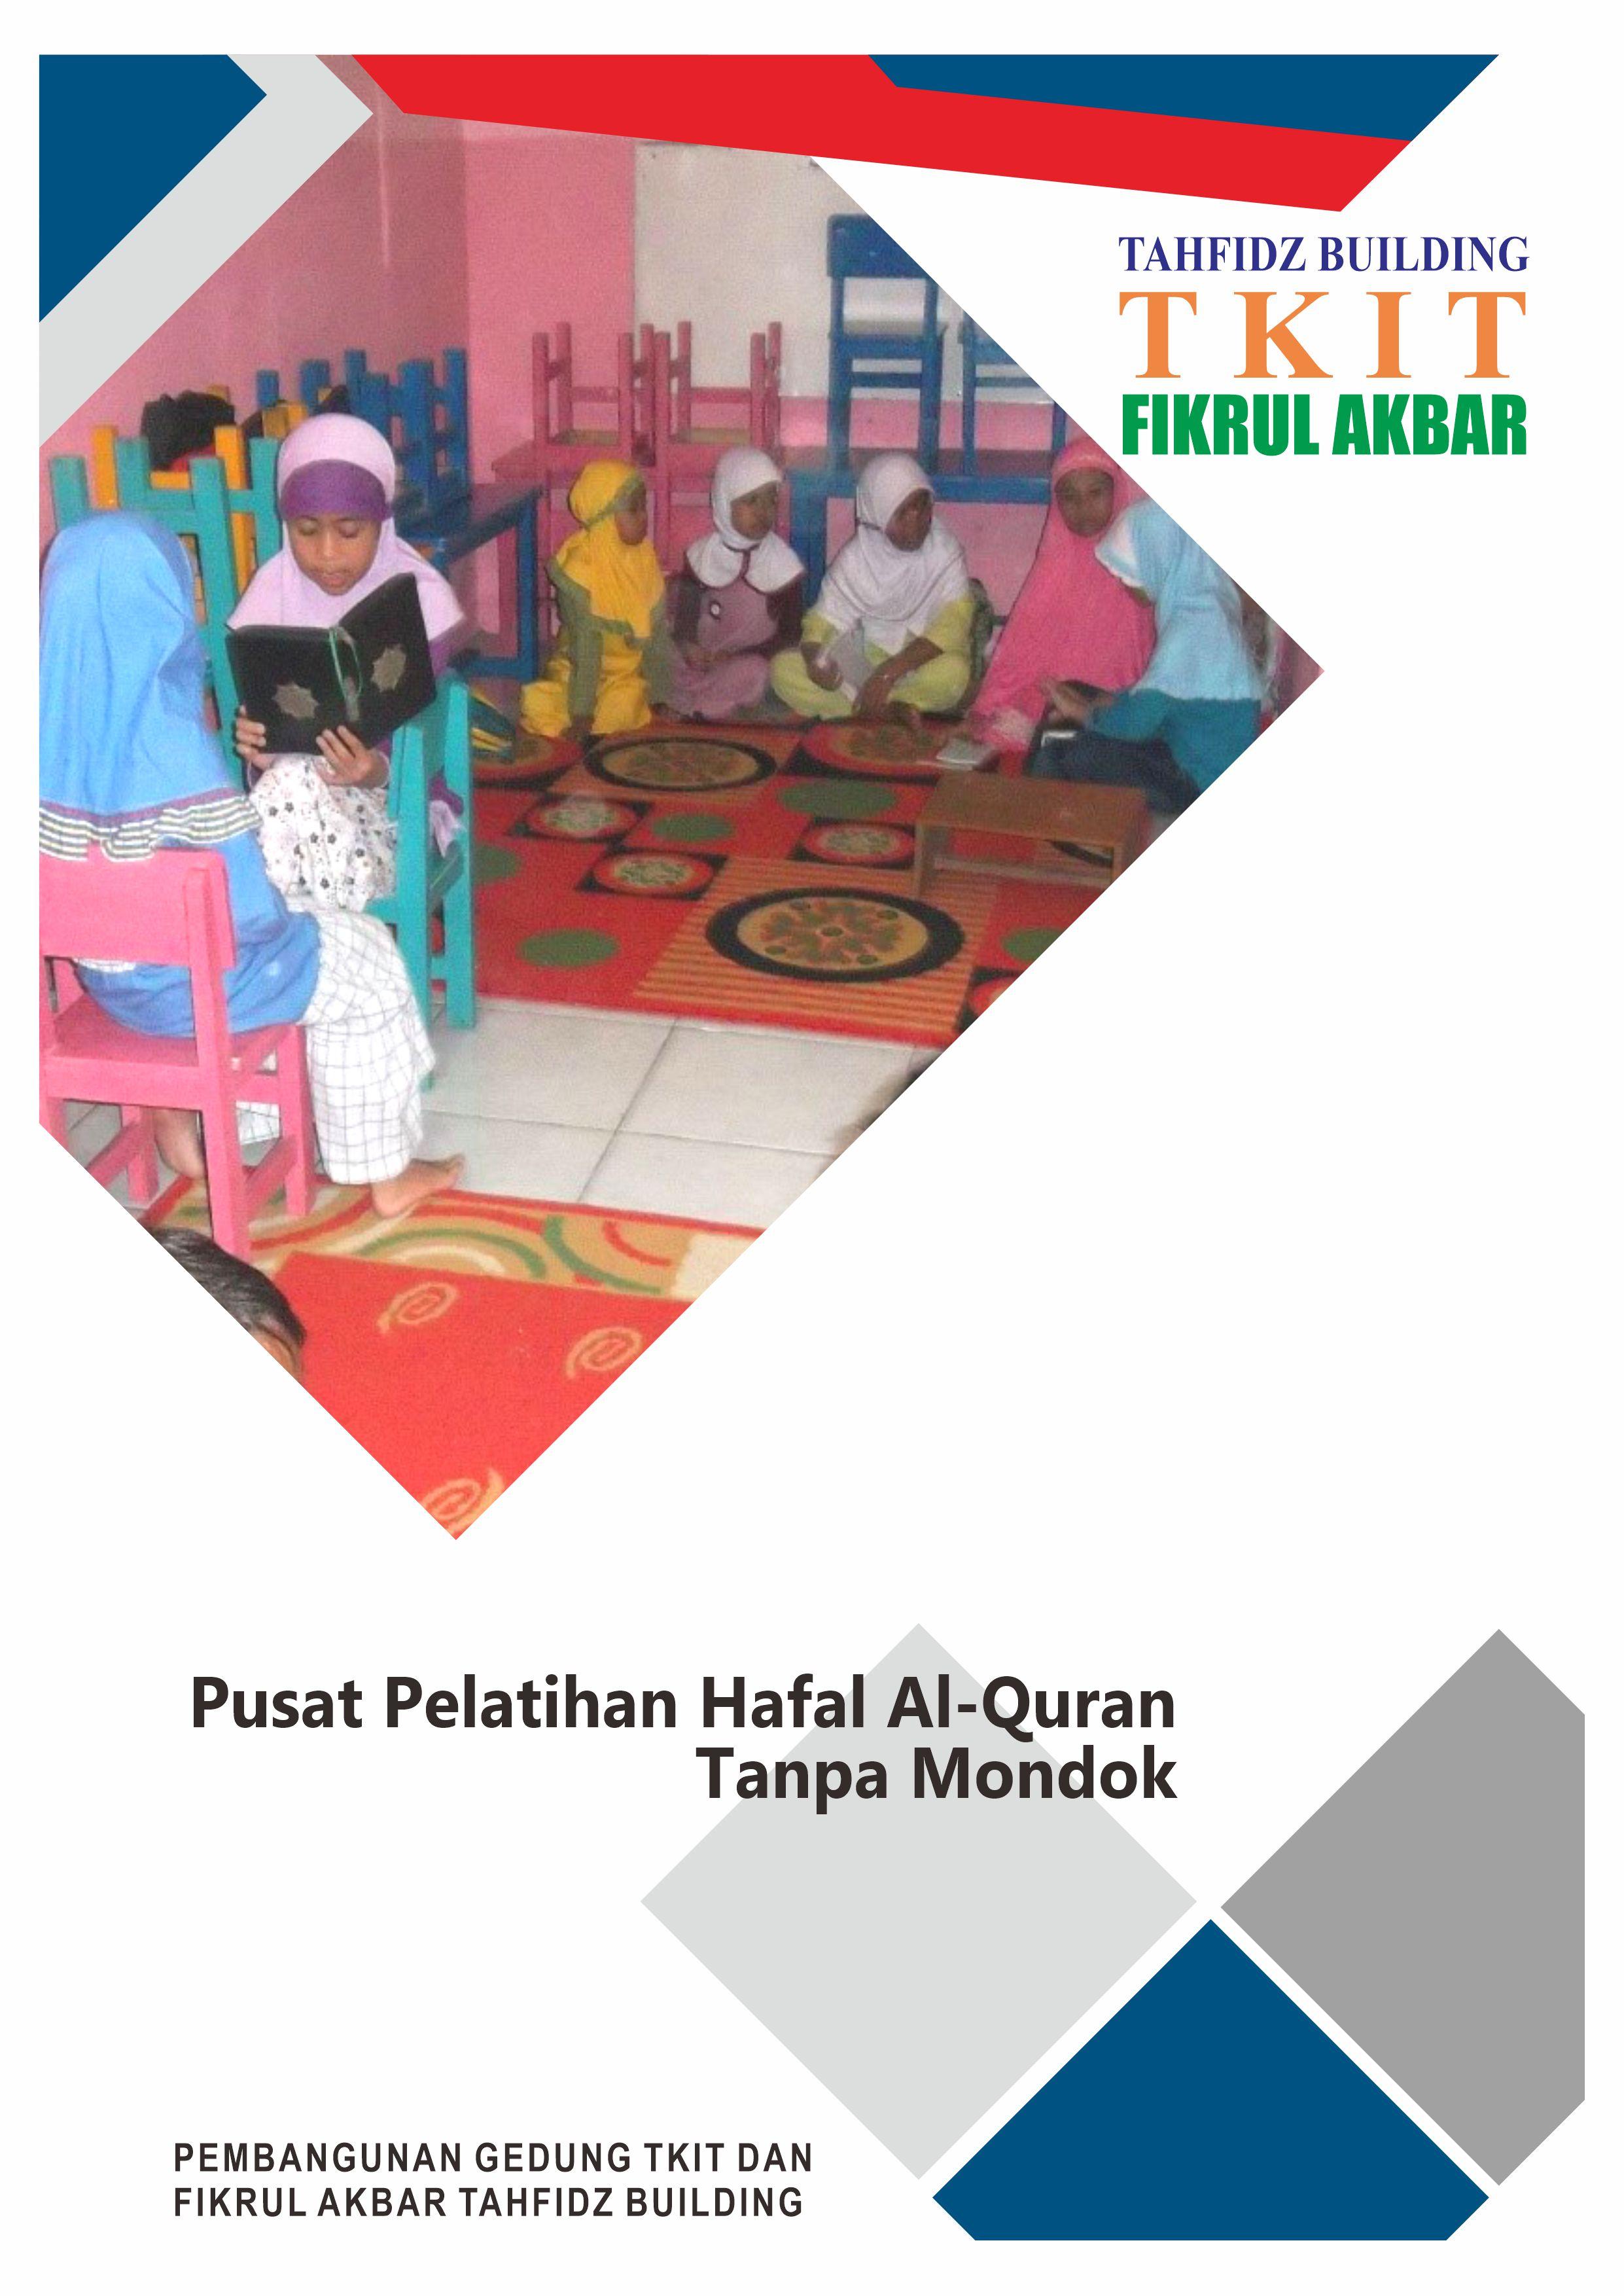 Pusat Pelatihan Hafalan Al-Quran Tanpa Mondok Tahfidz Building TKIT Fikrul Akbar